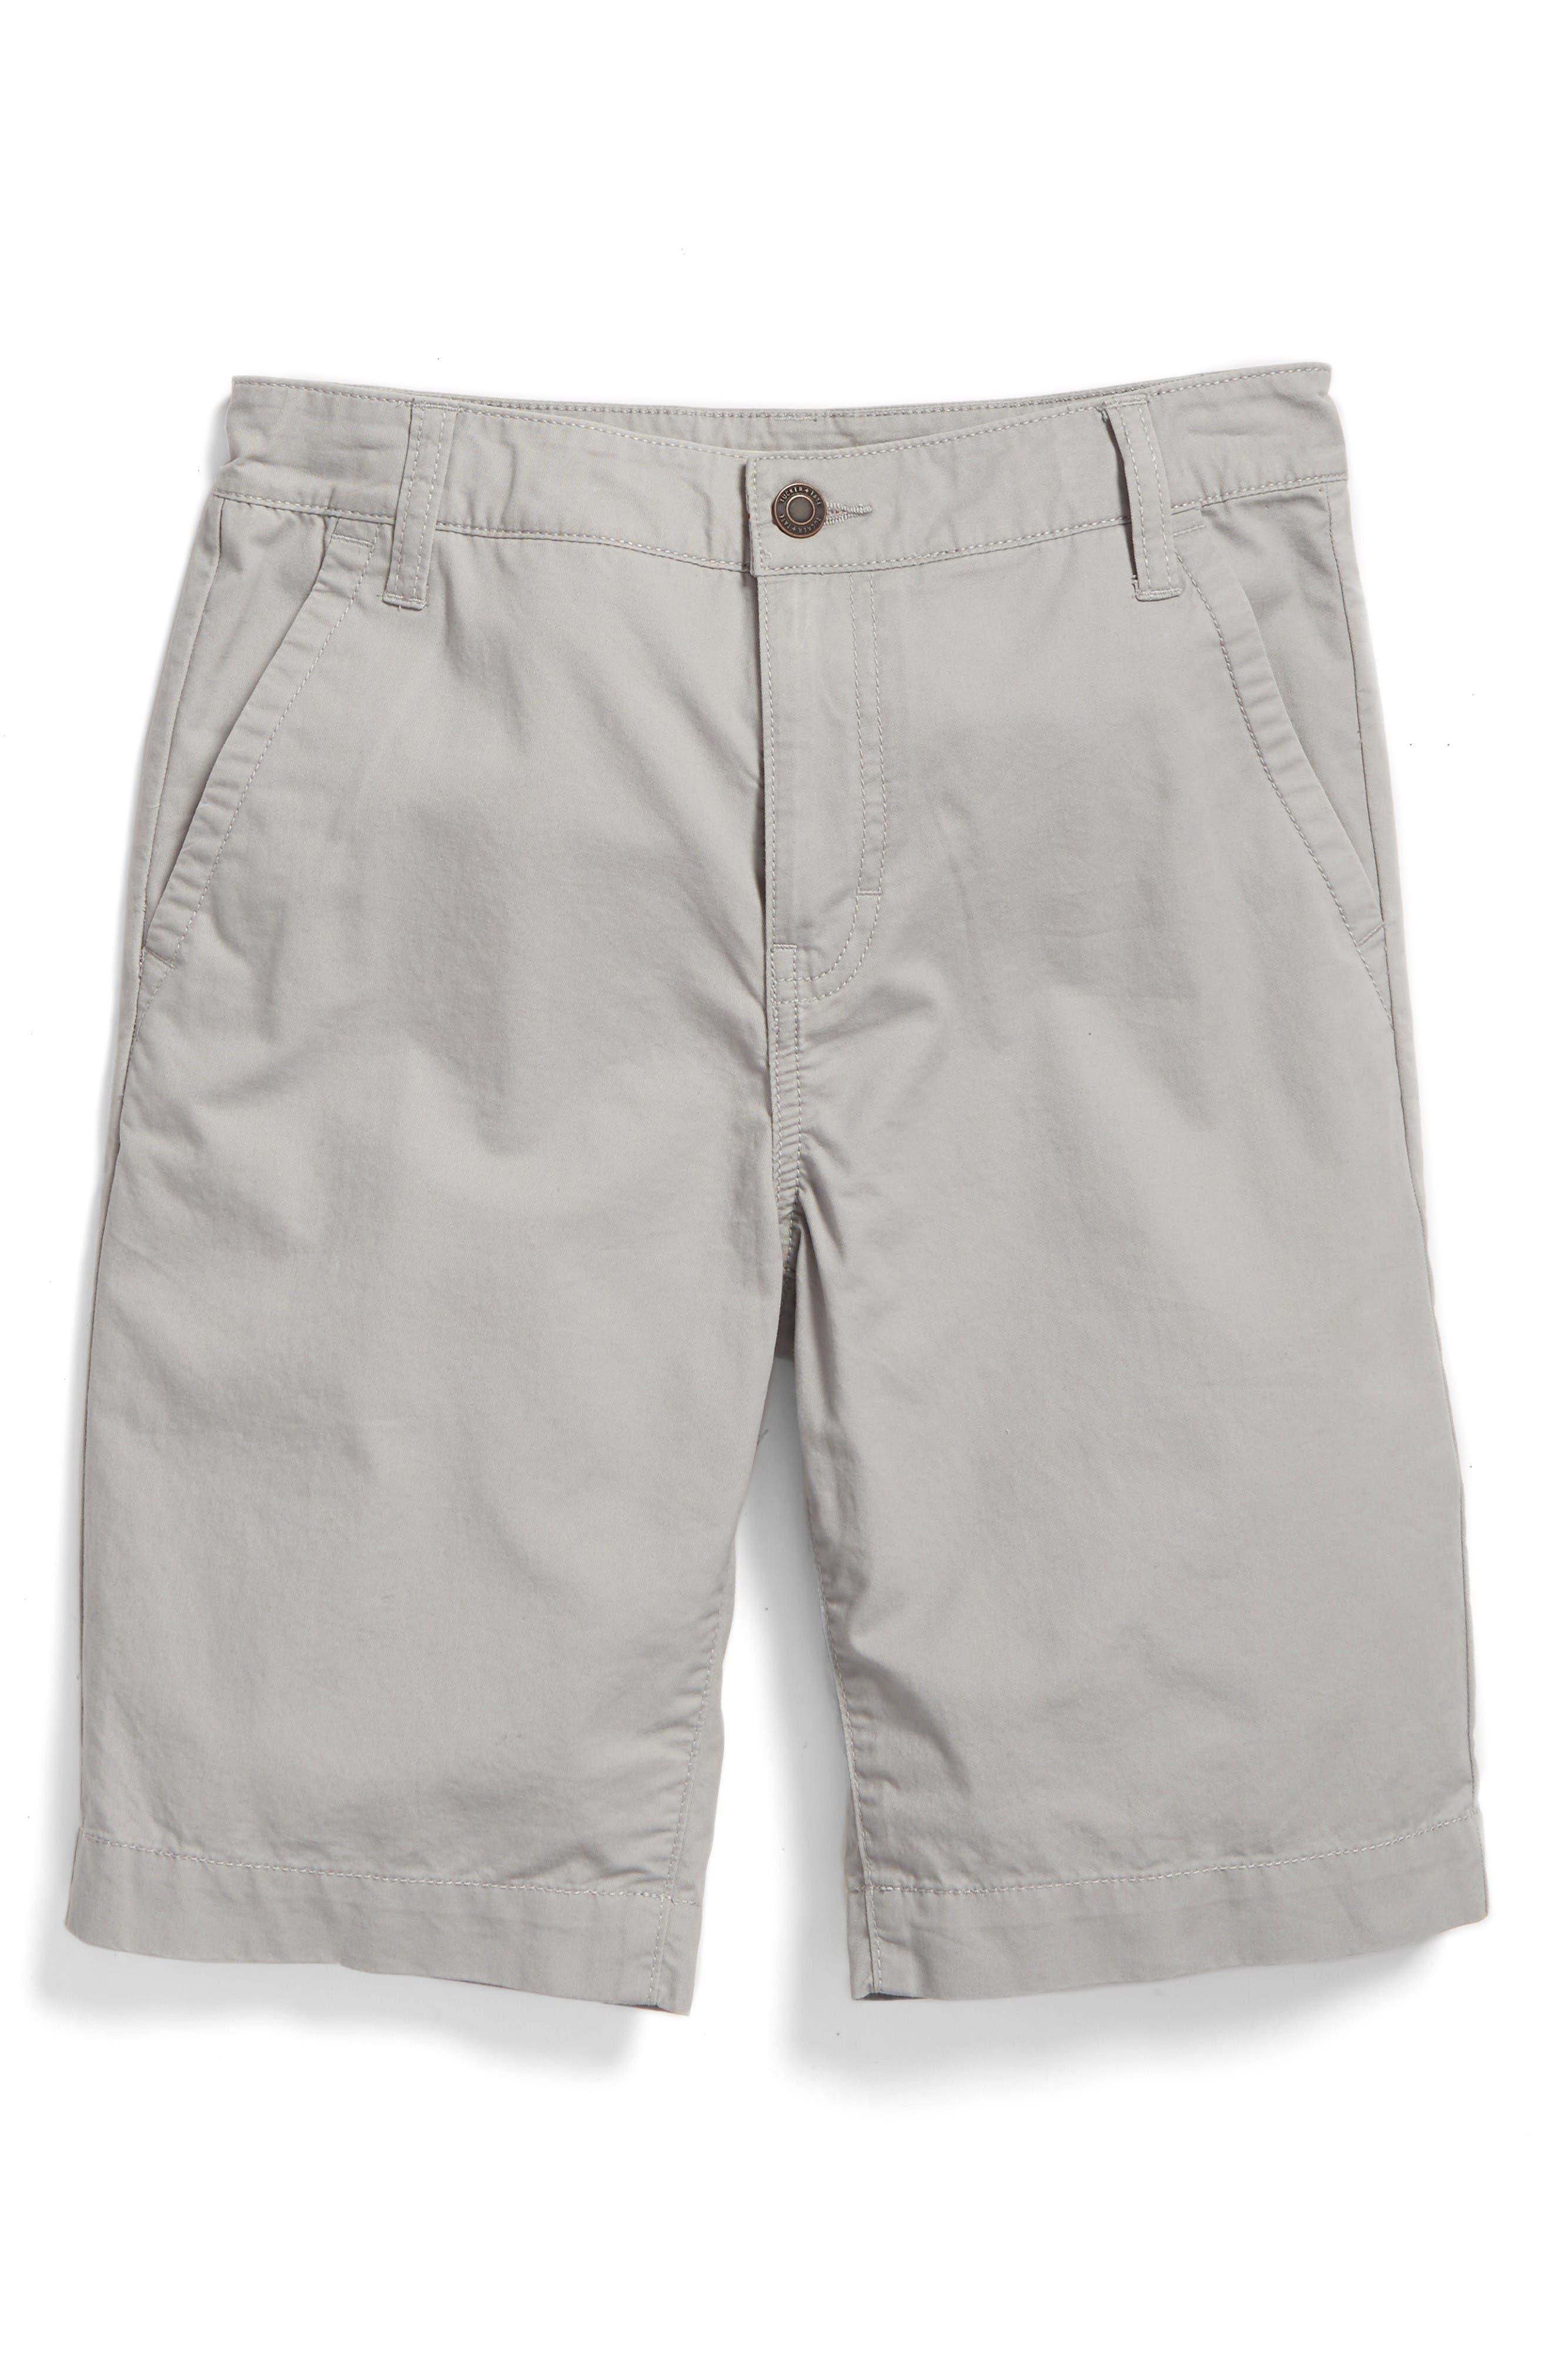 Chino Shorts,                         Main,                         color, Grey Alloy